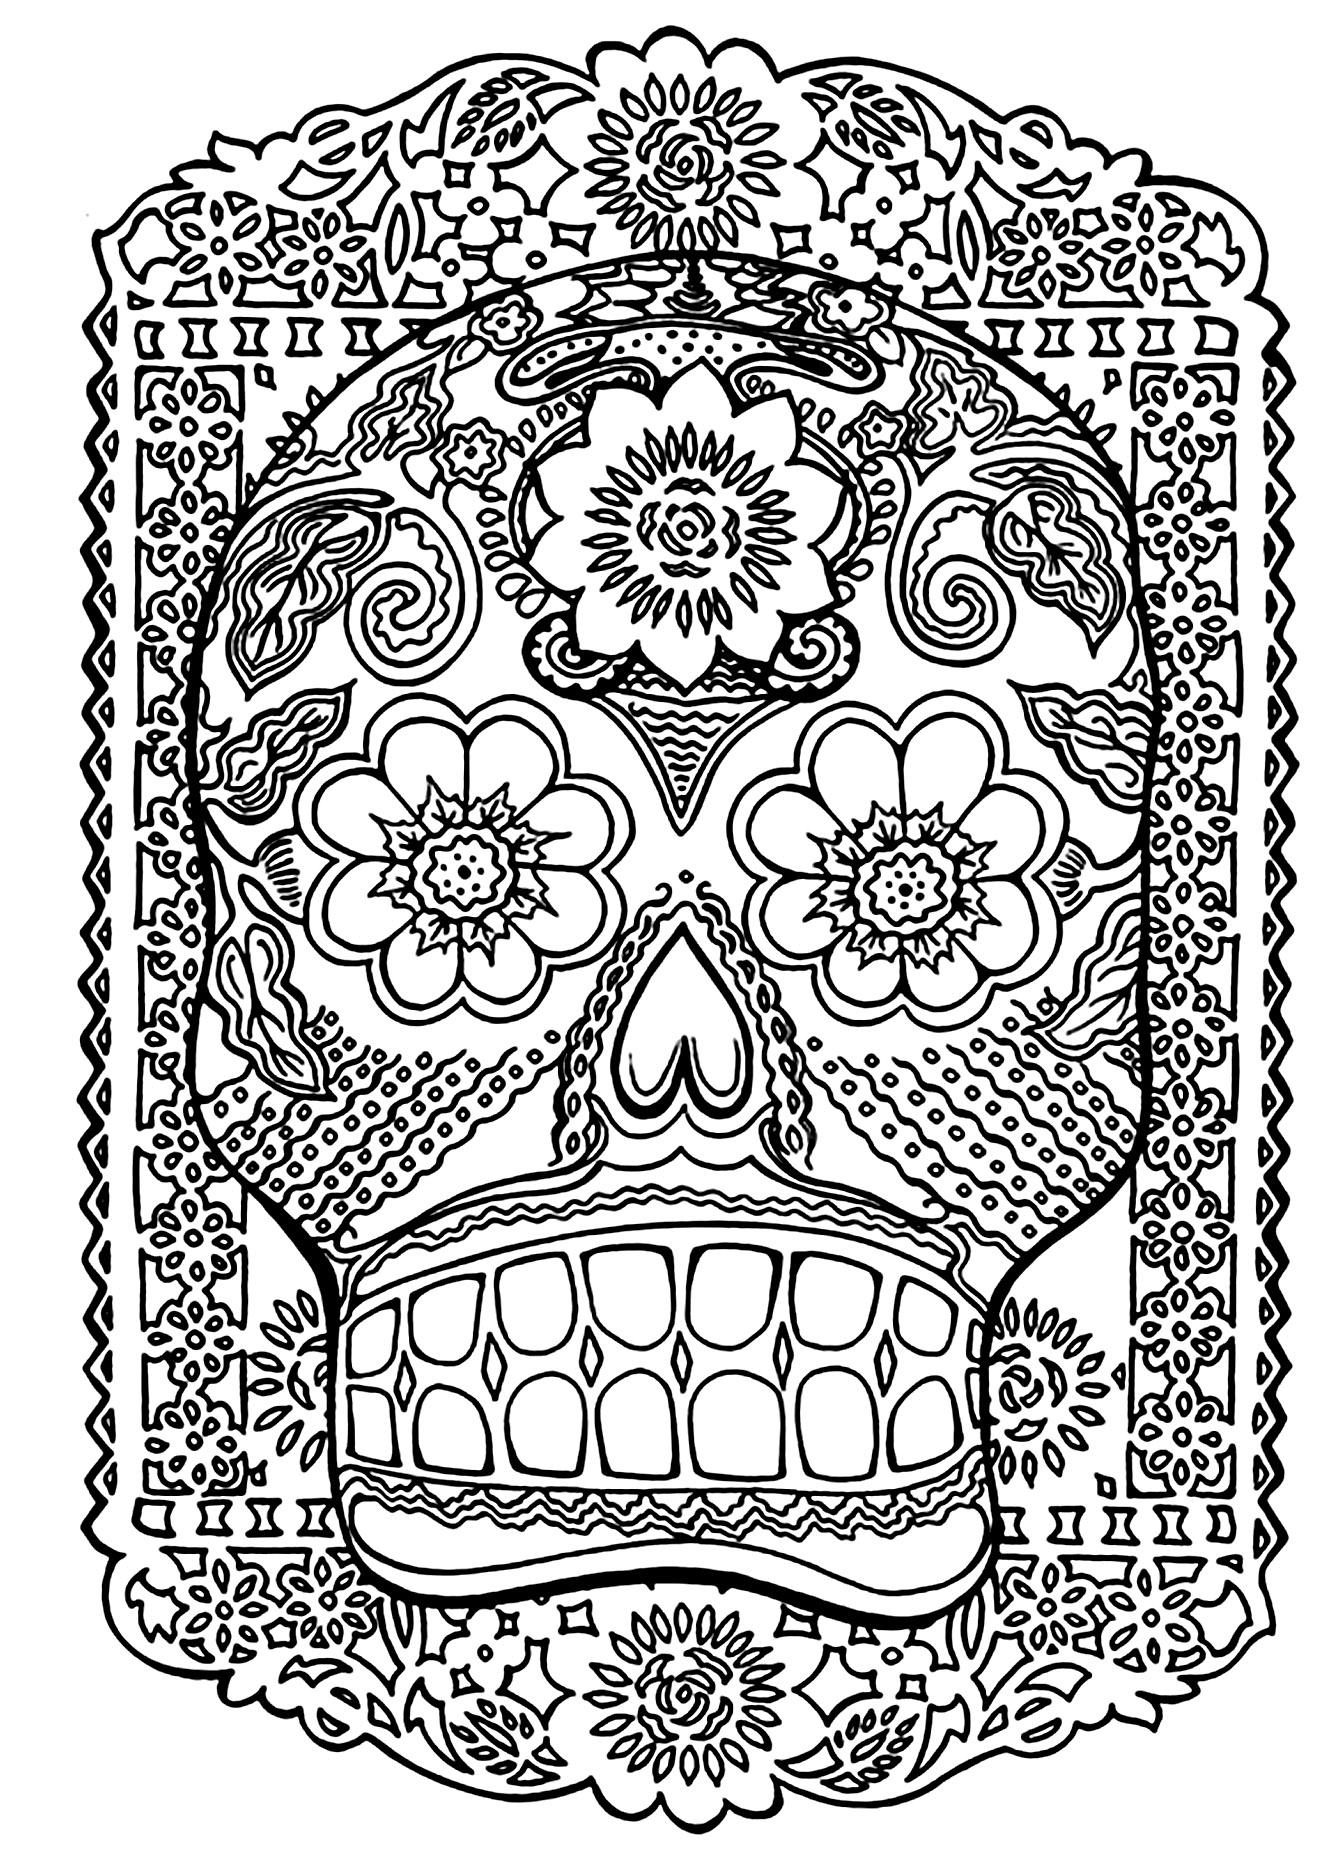 Coloring skull head complex